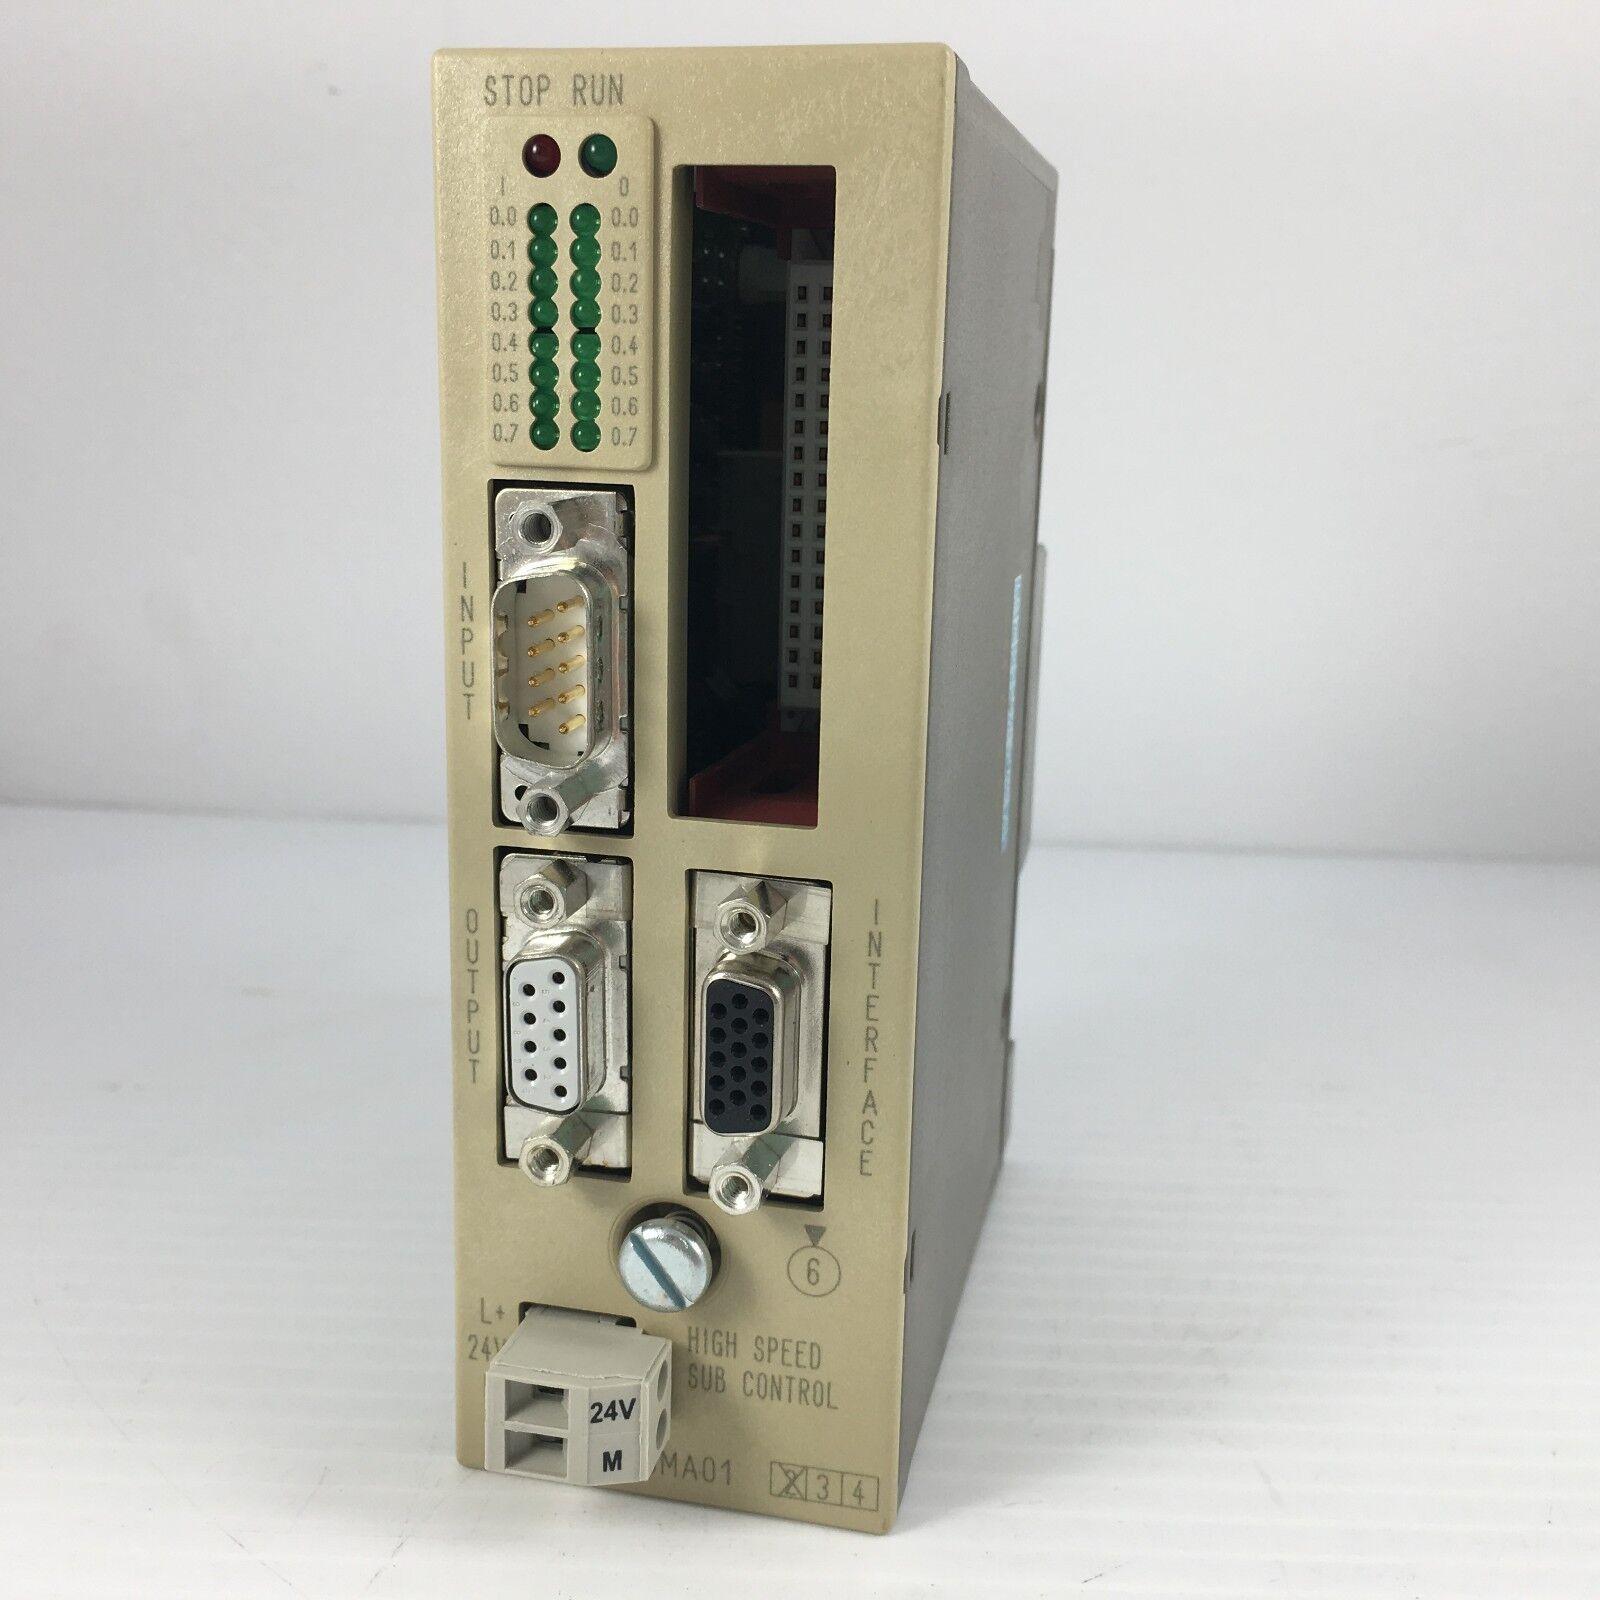 SIEMENS 6ES5-265-8MA01 High Speed Sub Control